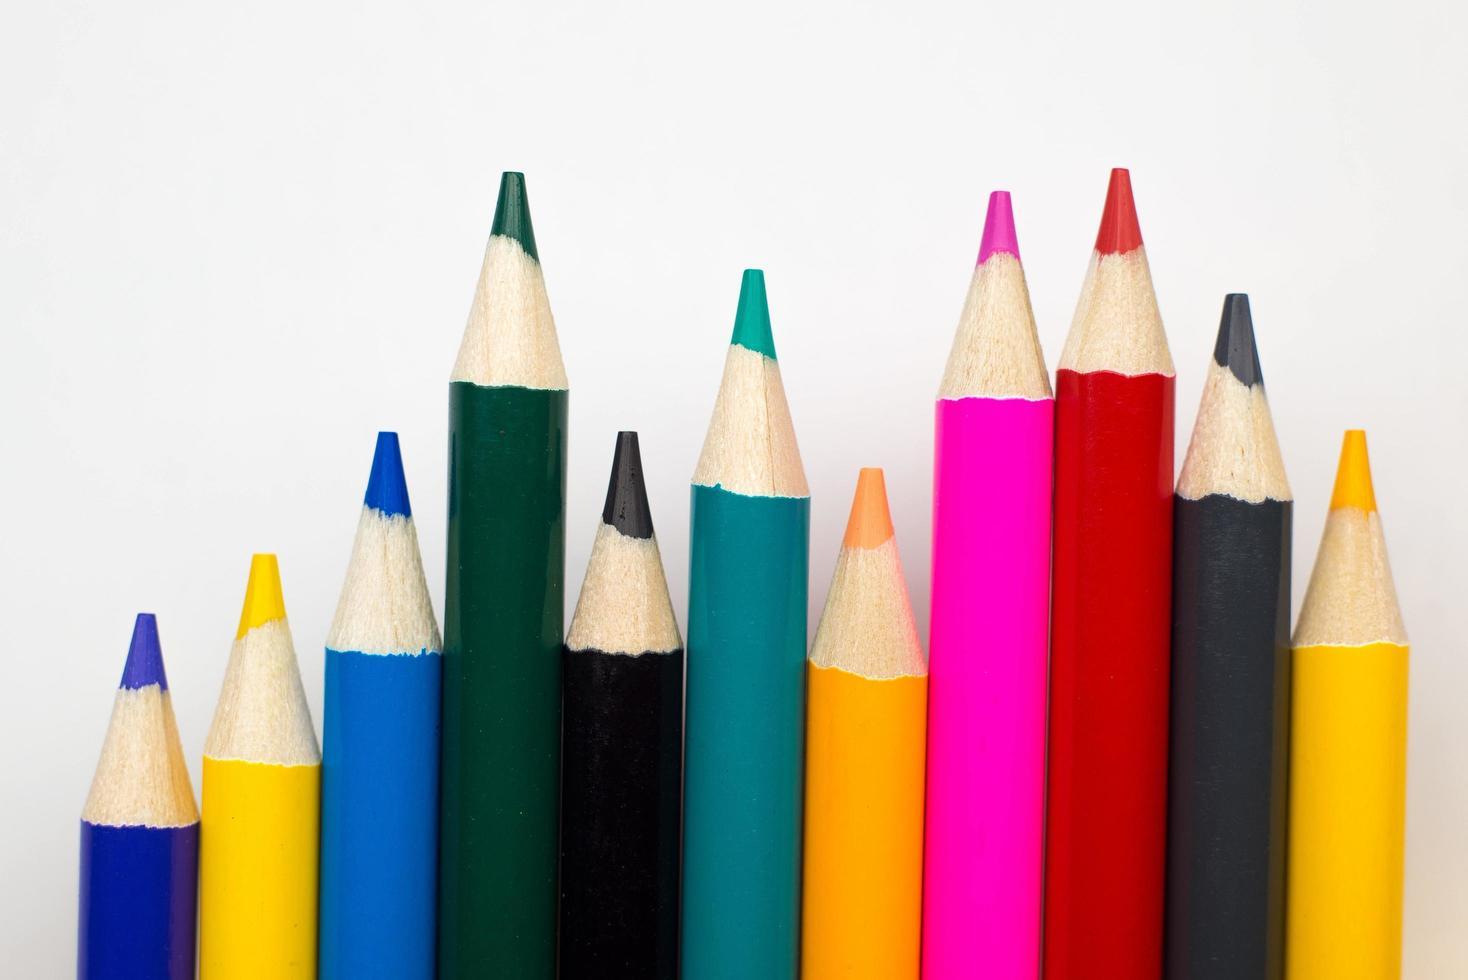 Buntstifte mit angeordneten Punkten foto